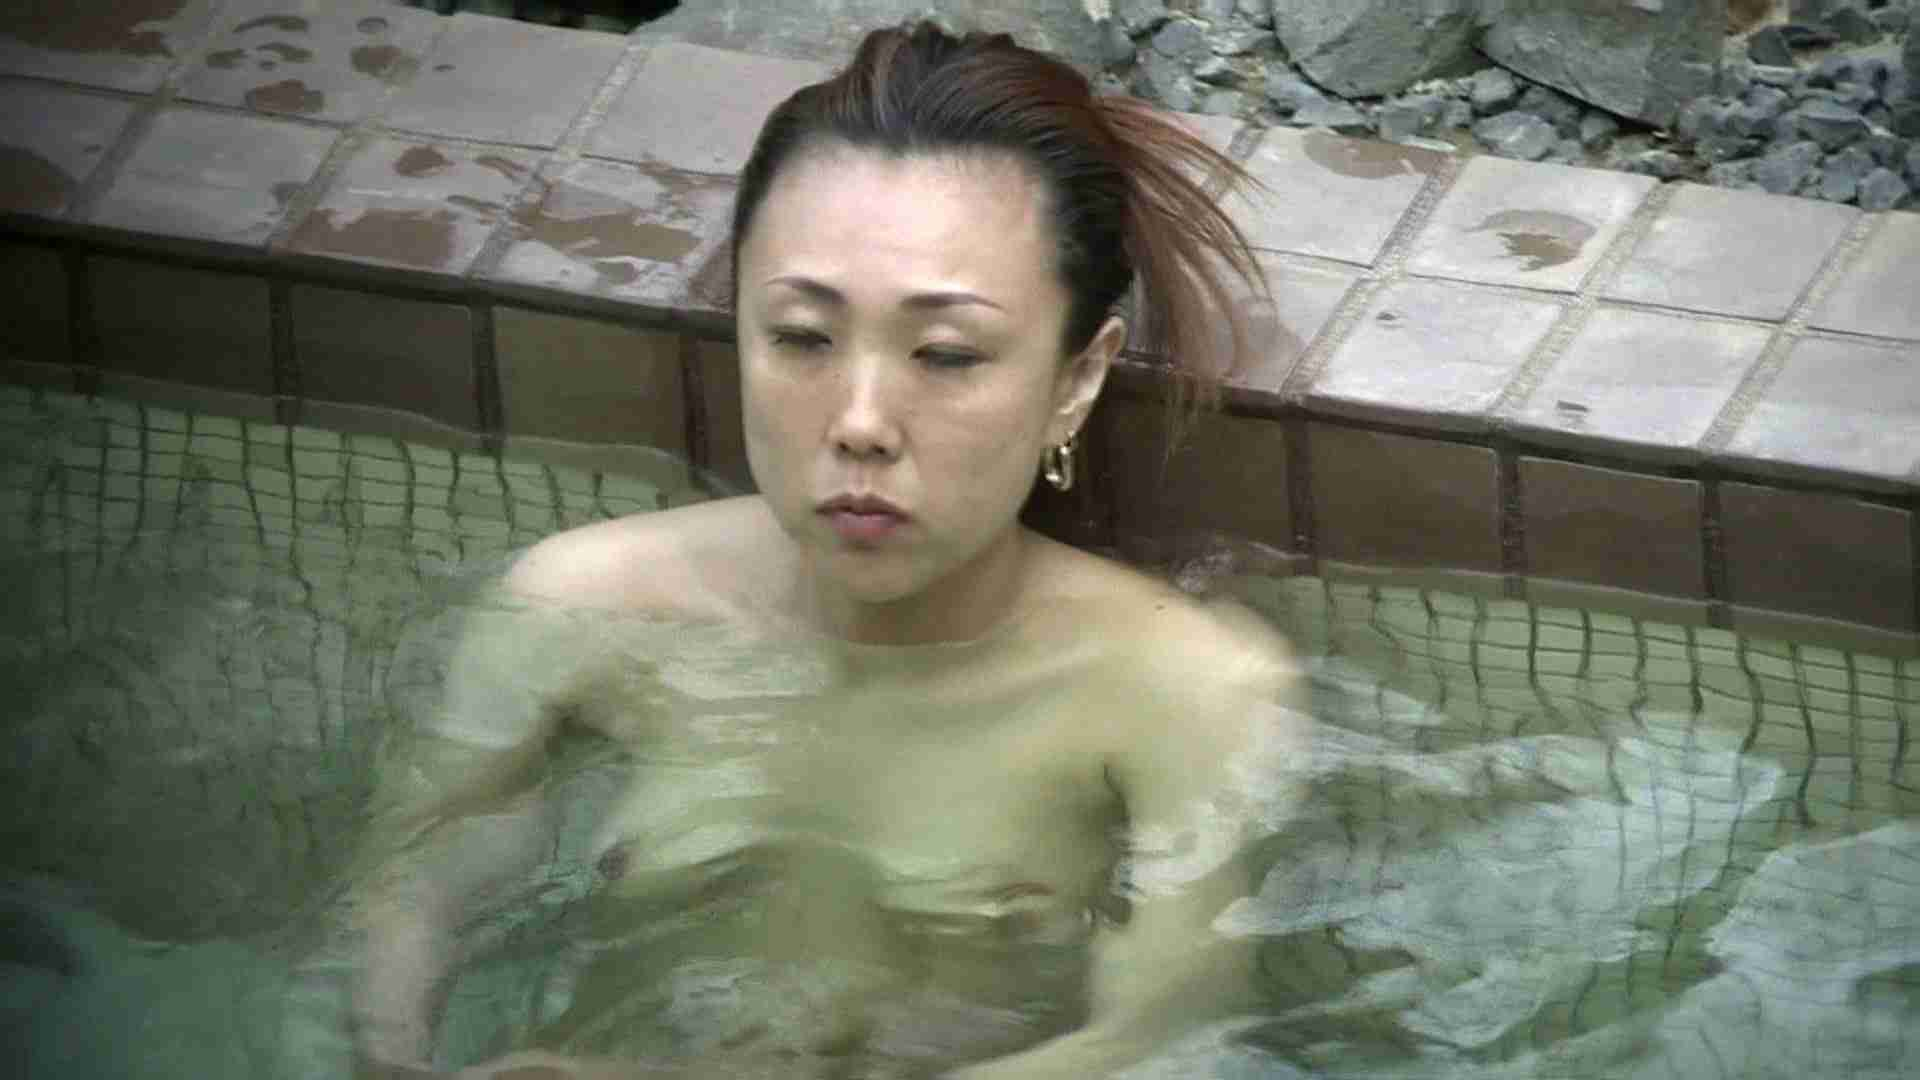 Aquaな露天風呂Vol.654 女体盗撮  87連発 36